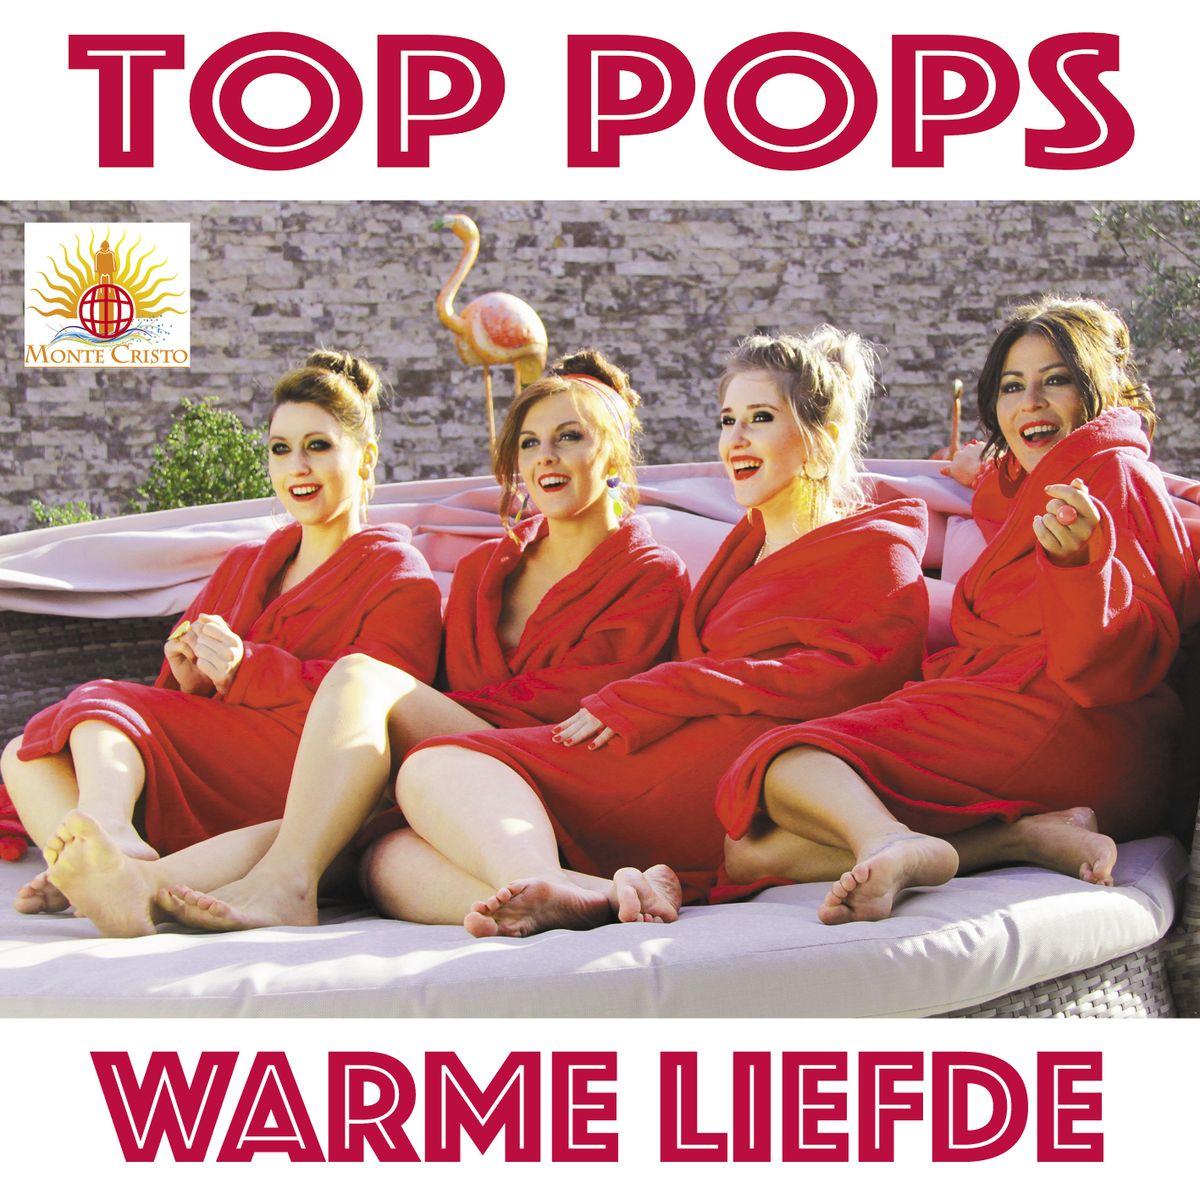 De dames van Top Pops hebben ondeugende nieuwe single (met fragment)